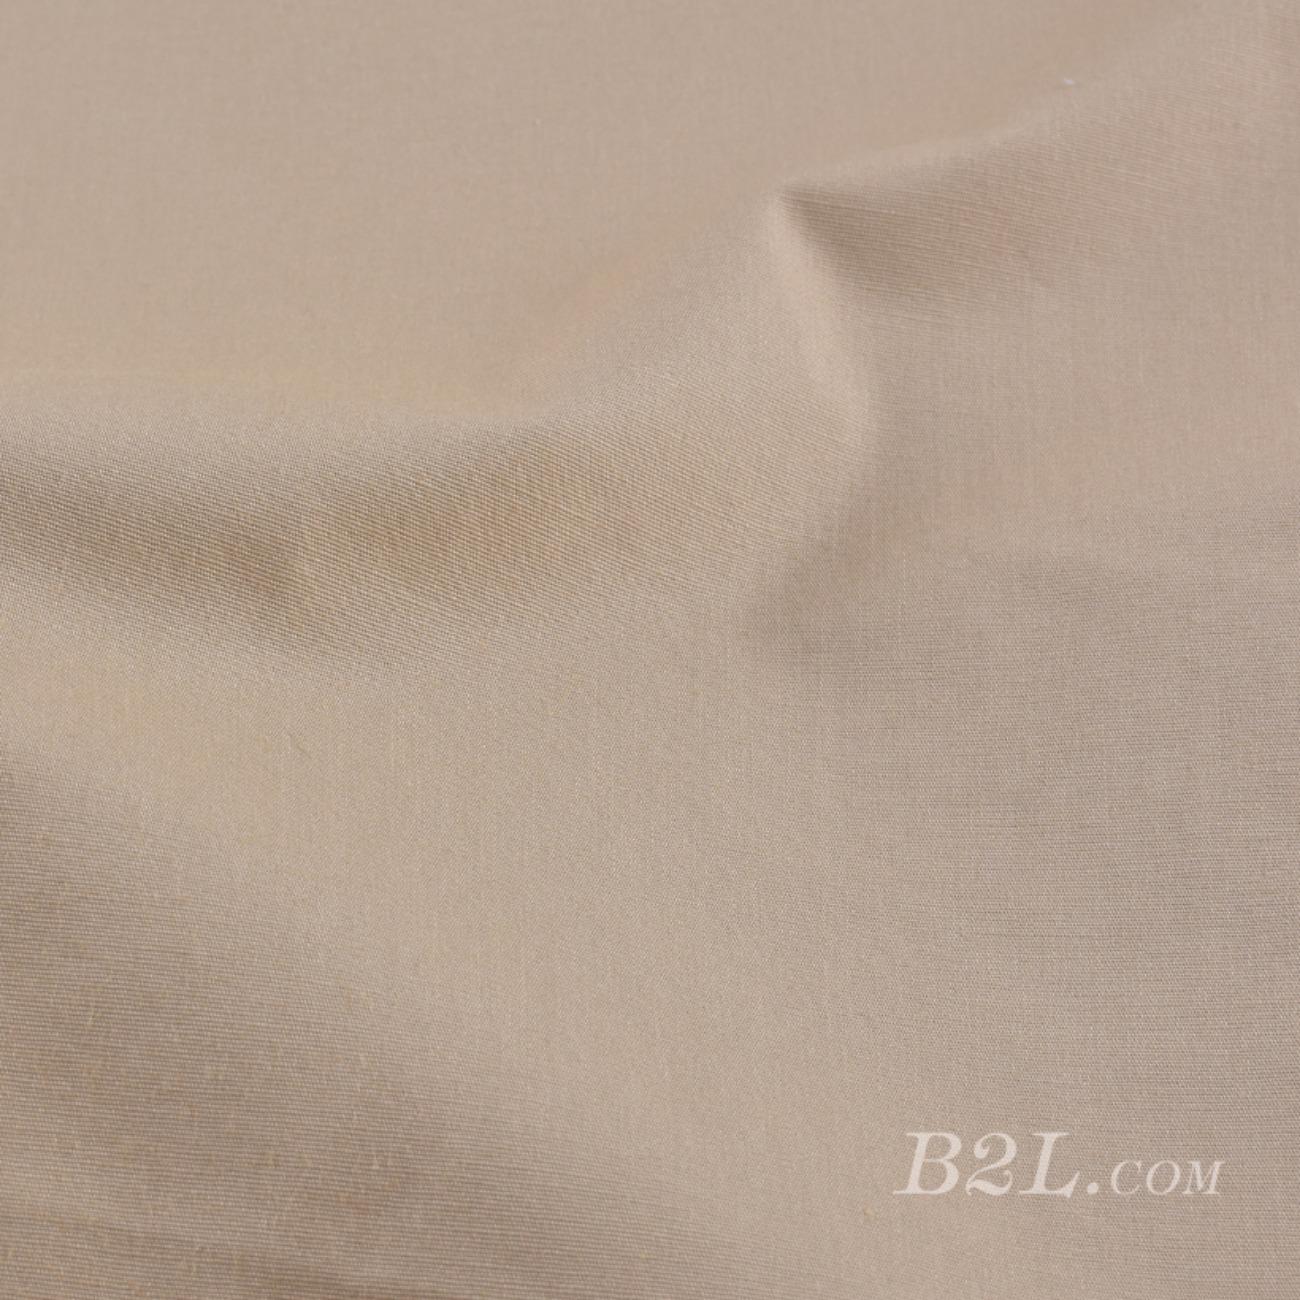 梭织染色素色府绸仿天丝面料-春夏连衣裙外套面料91112-2